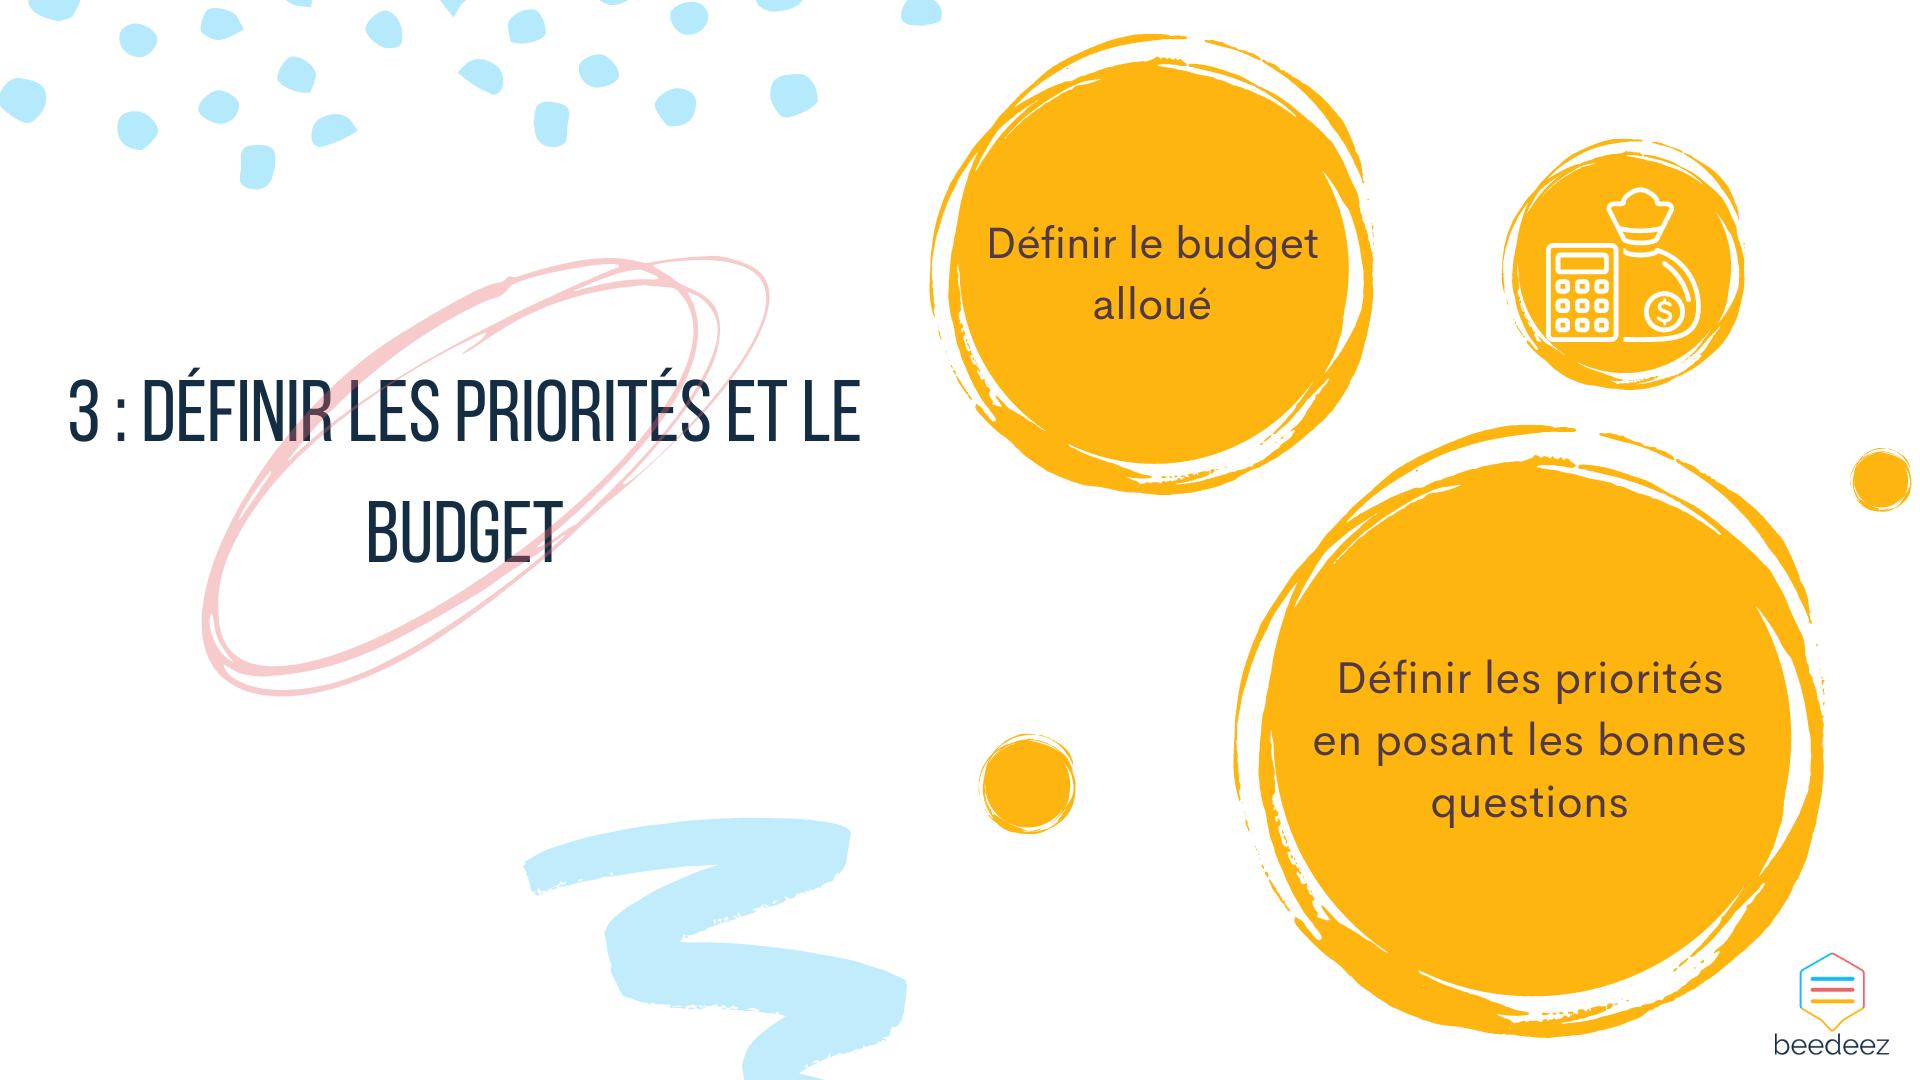 Définir les priorités et le budget